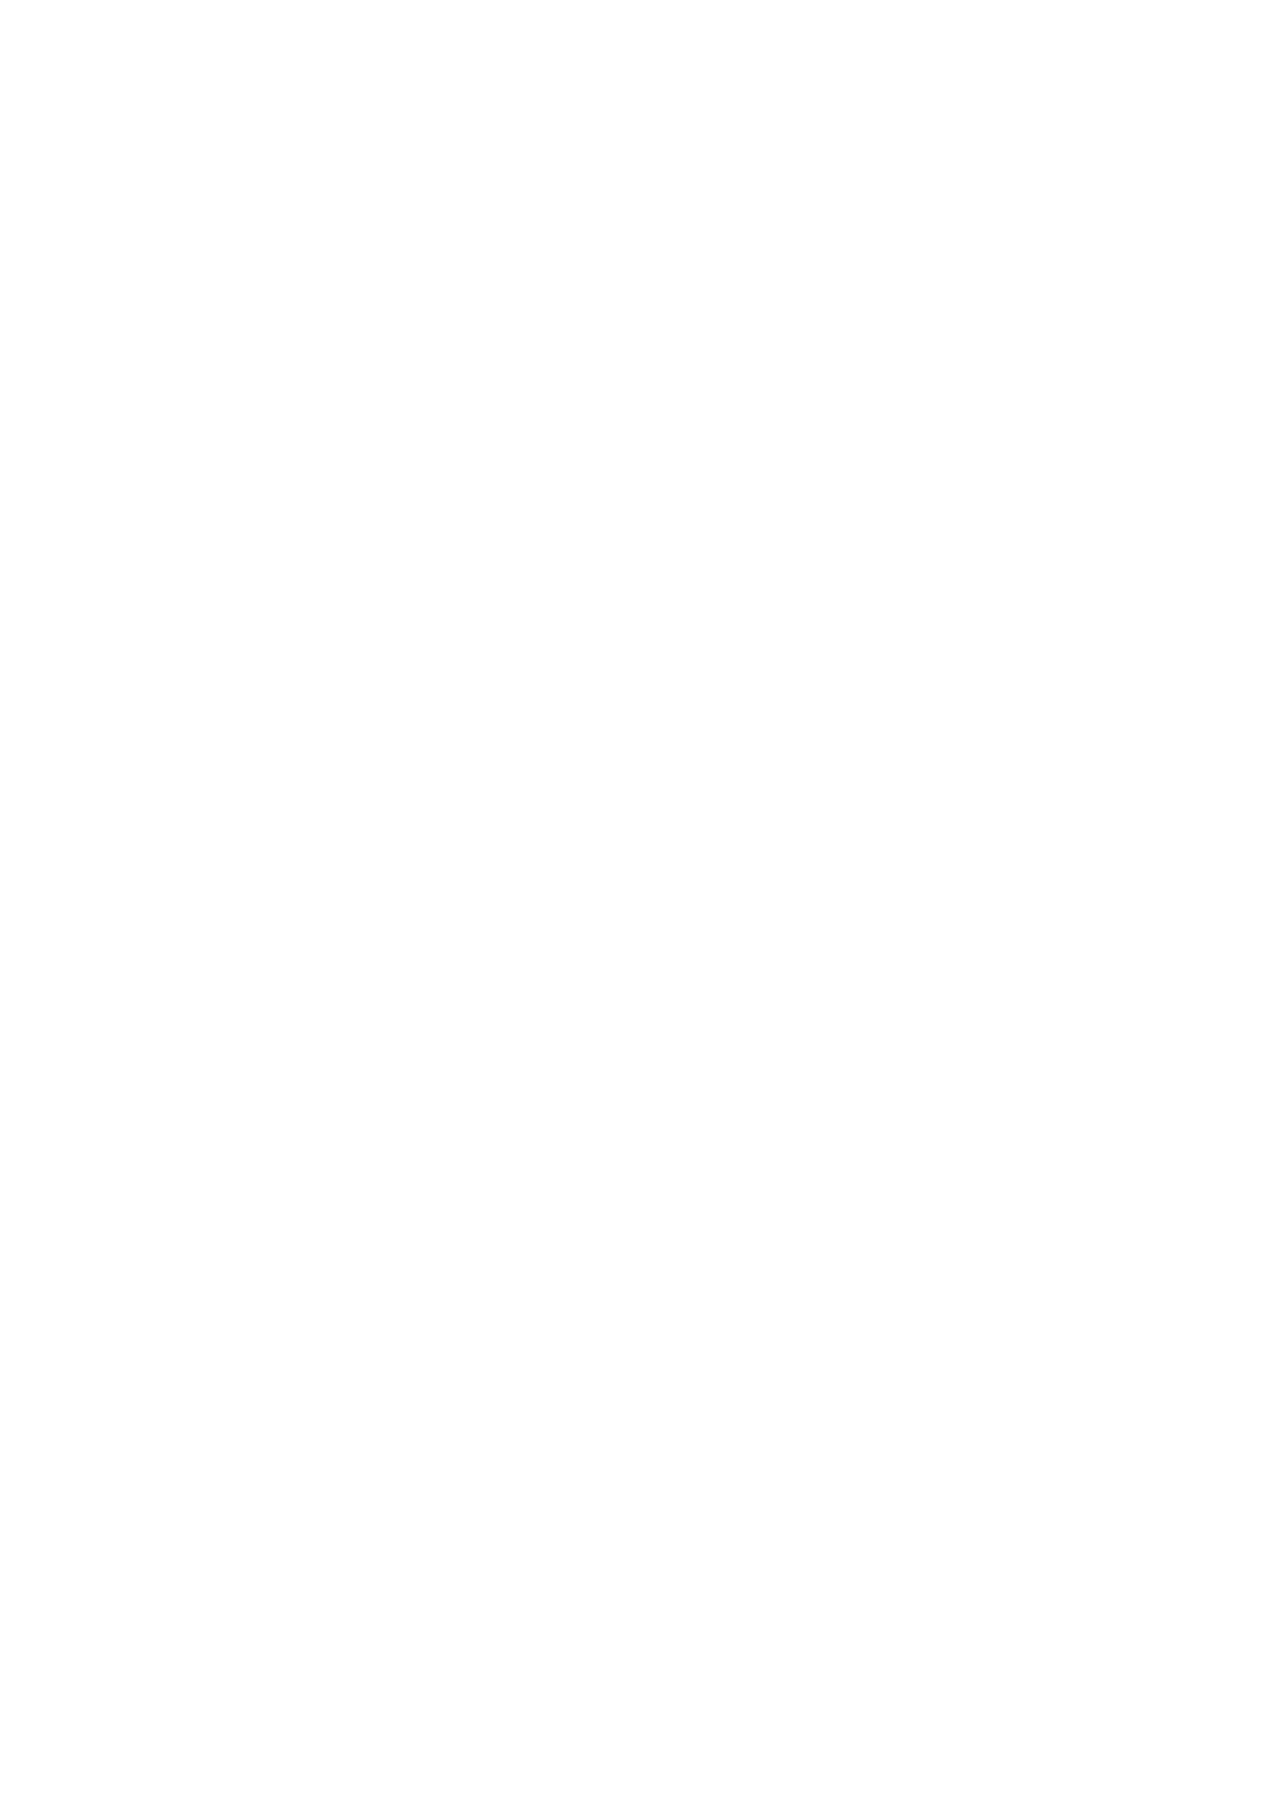 [yatsuatari (Ardens)] Astolfo-kun to Shinsatsu-kun to Lanling Wang-kun ga Gudao o Ijimeru Hon | A book about Astolfo, Shinsatsu-kun and Lan Ling Wang-kun bullying Gudao. (Fate/Grand Order) [English] [Godofloli] [Digital] 1